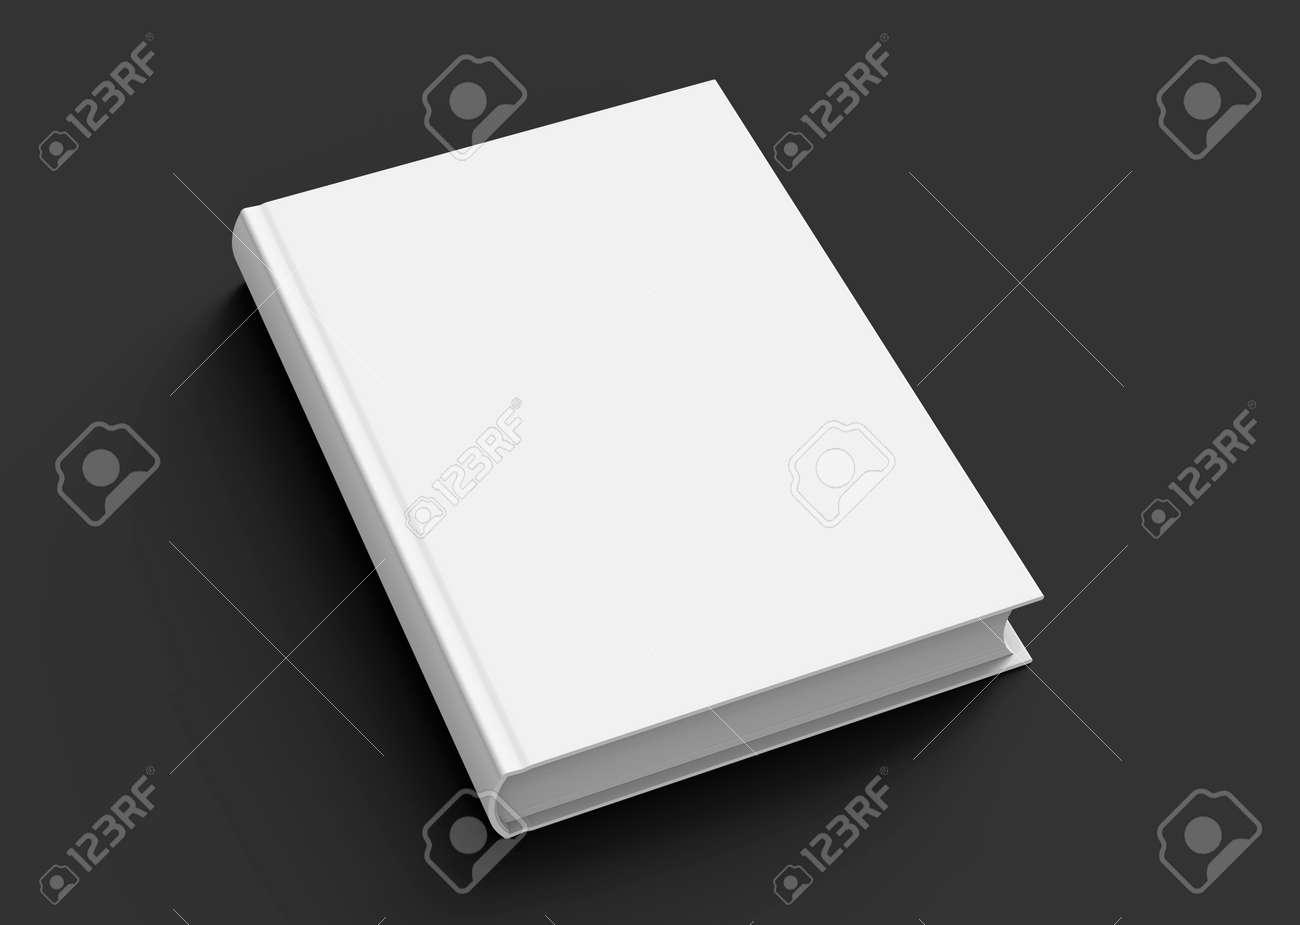 Modele De Livre A Couverture Rigide Blanc Couverture De Livre Blanc Pour Design Isole Sur Fond Noir Rendu 3d